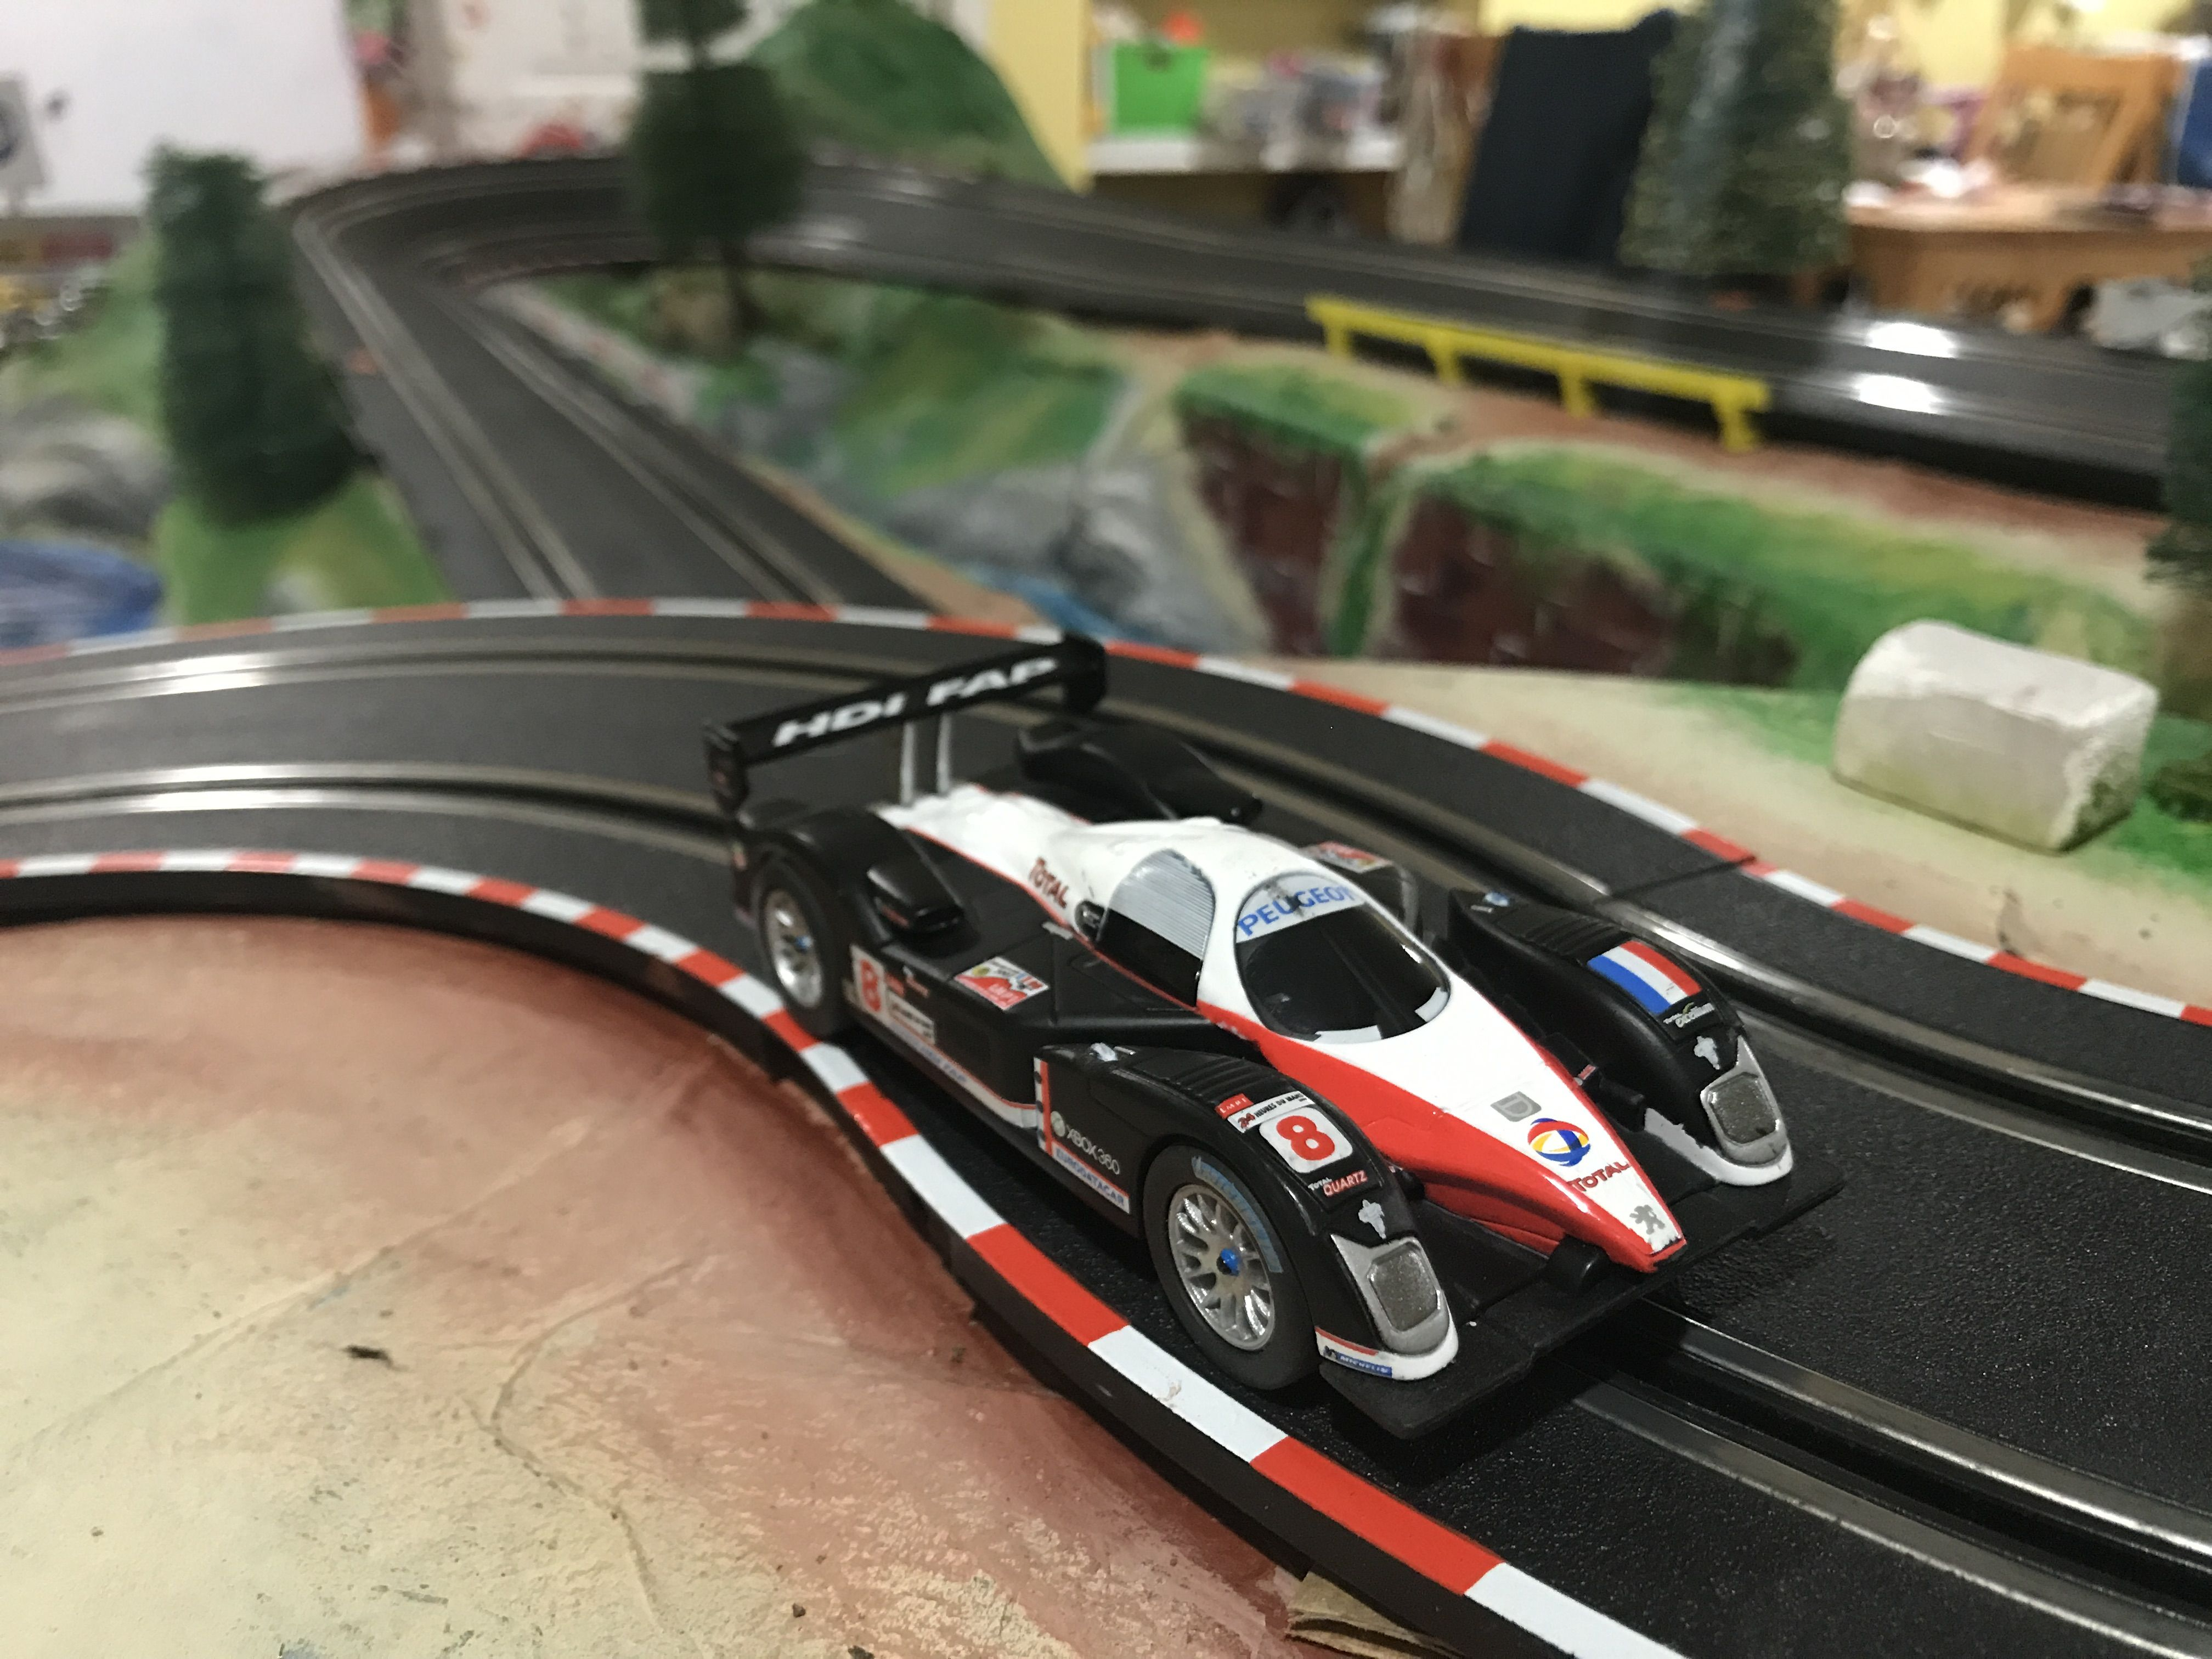 Peugeot 908 Carrera Go 1 43 Slot Car Slot Cars Slot Car Tracks Slot Racing